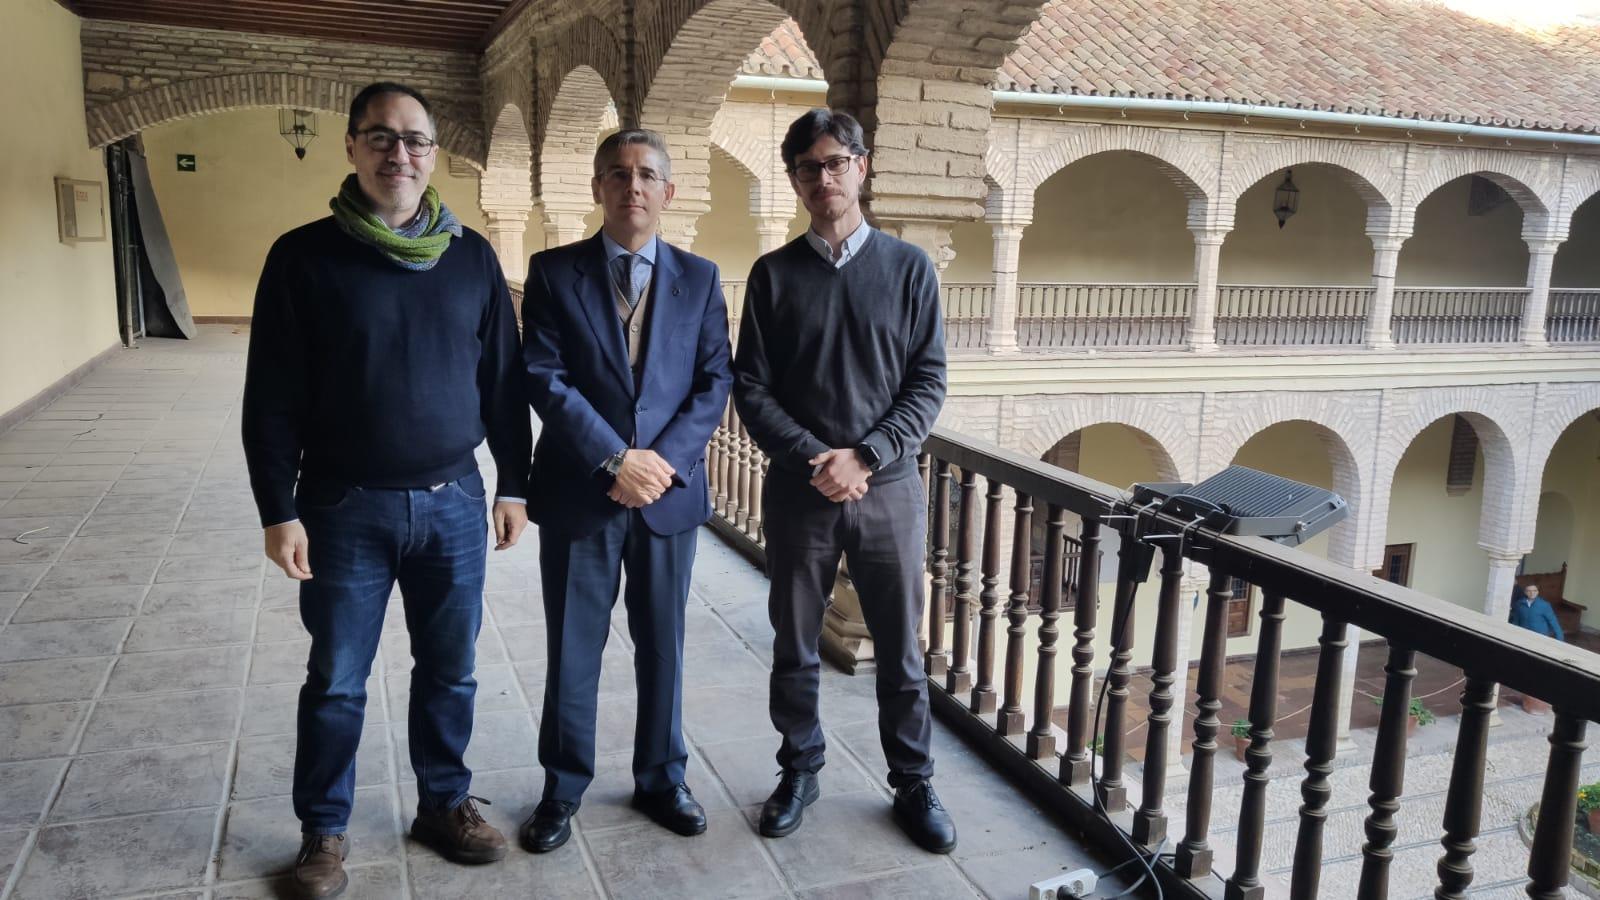 El estudio amasce será el encargado de la gestión cultural del Área Expositiva del Palacio de Congresos